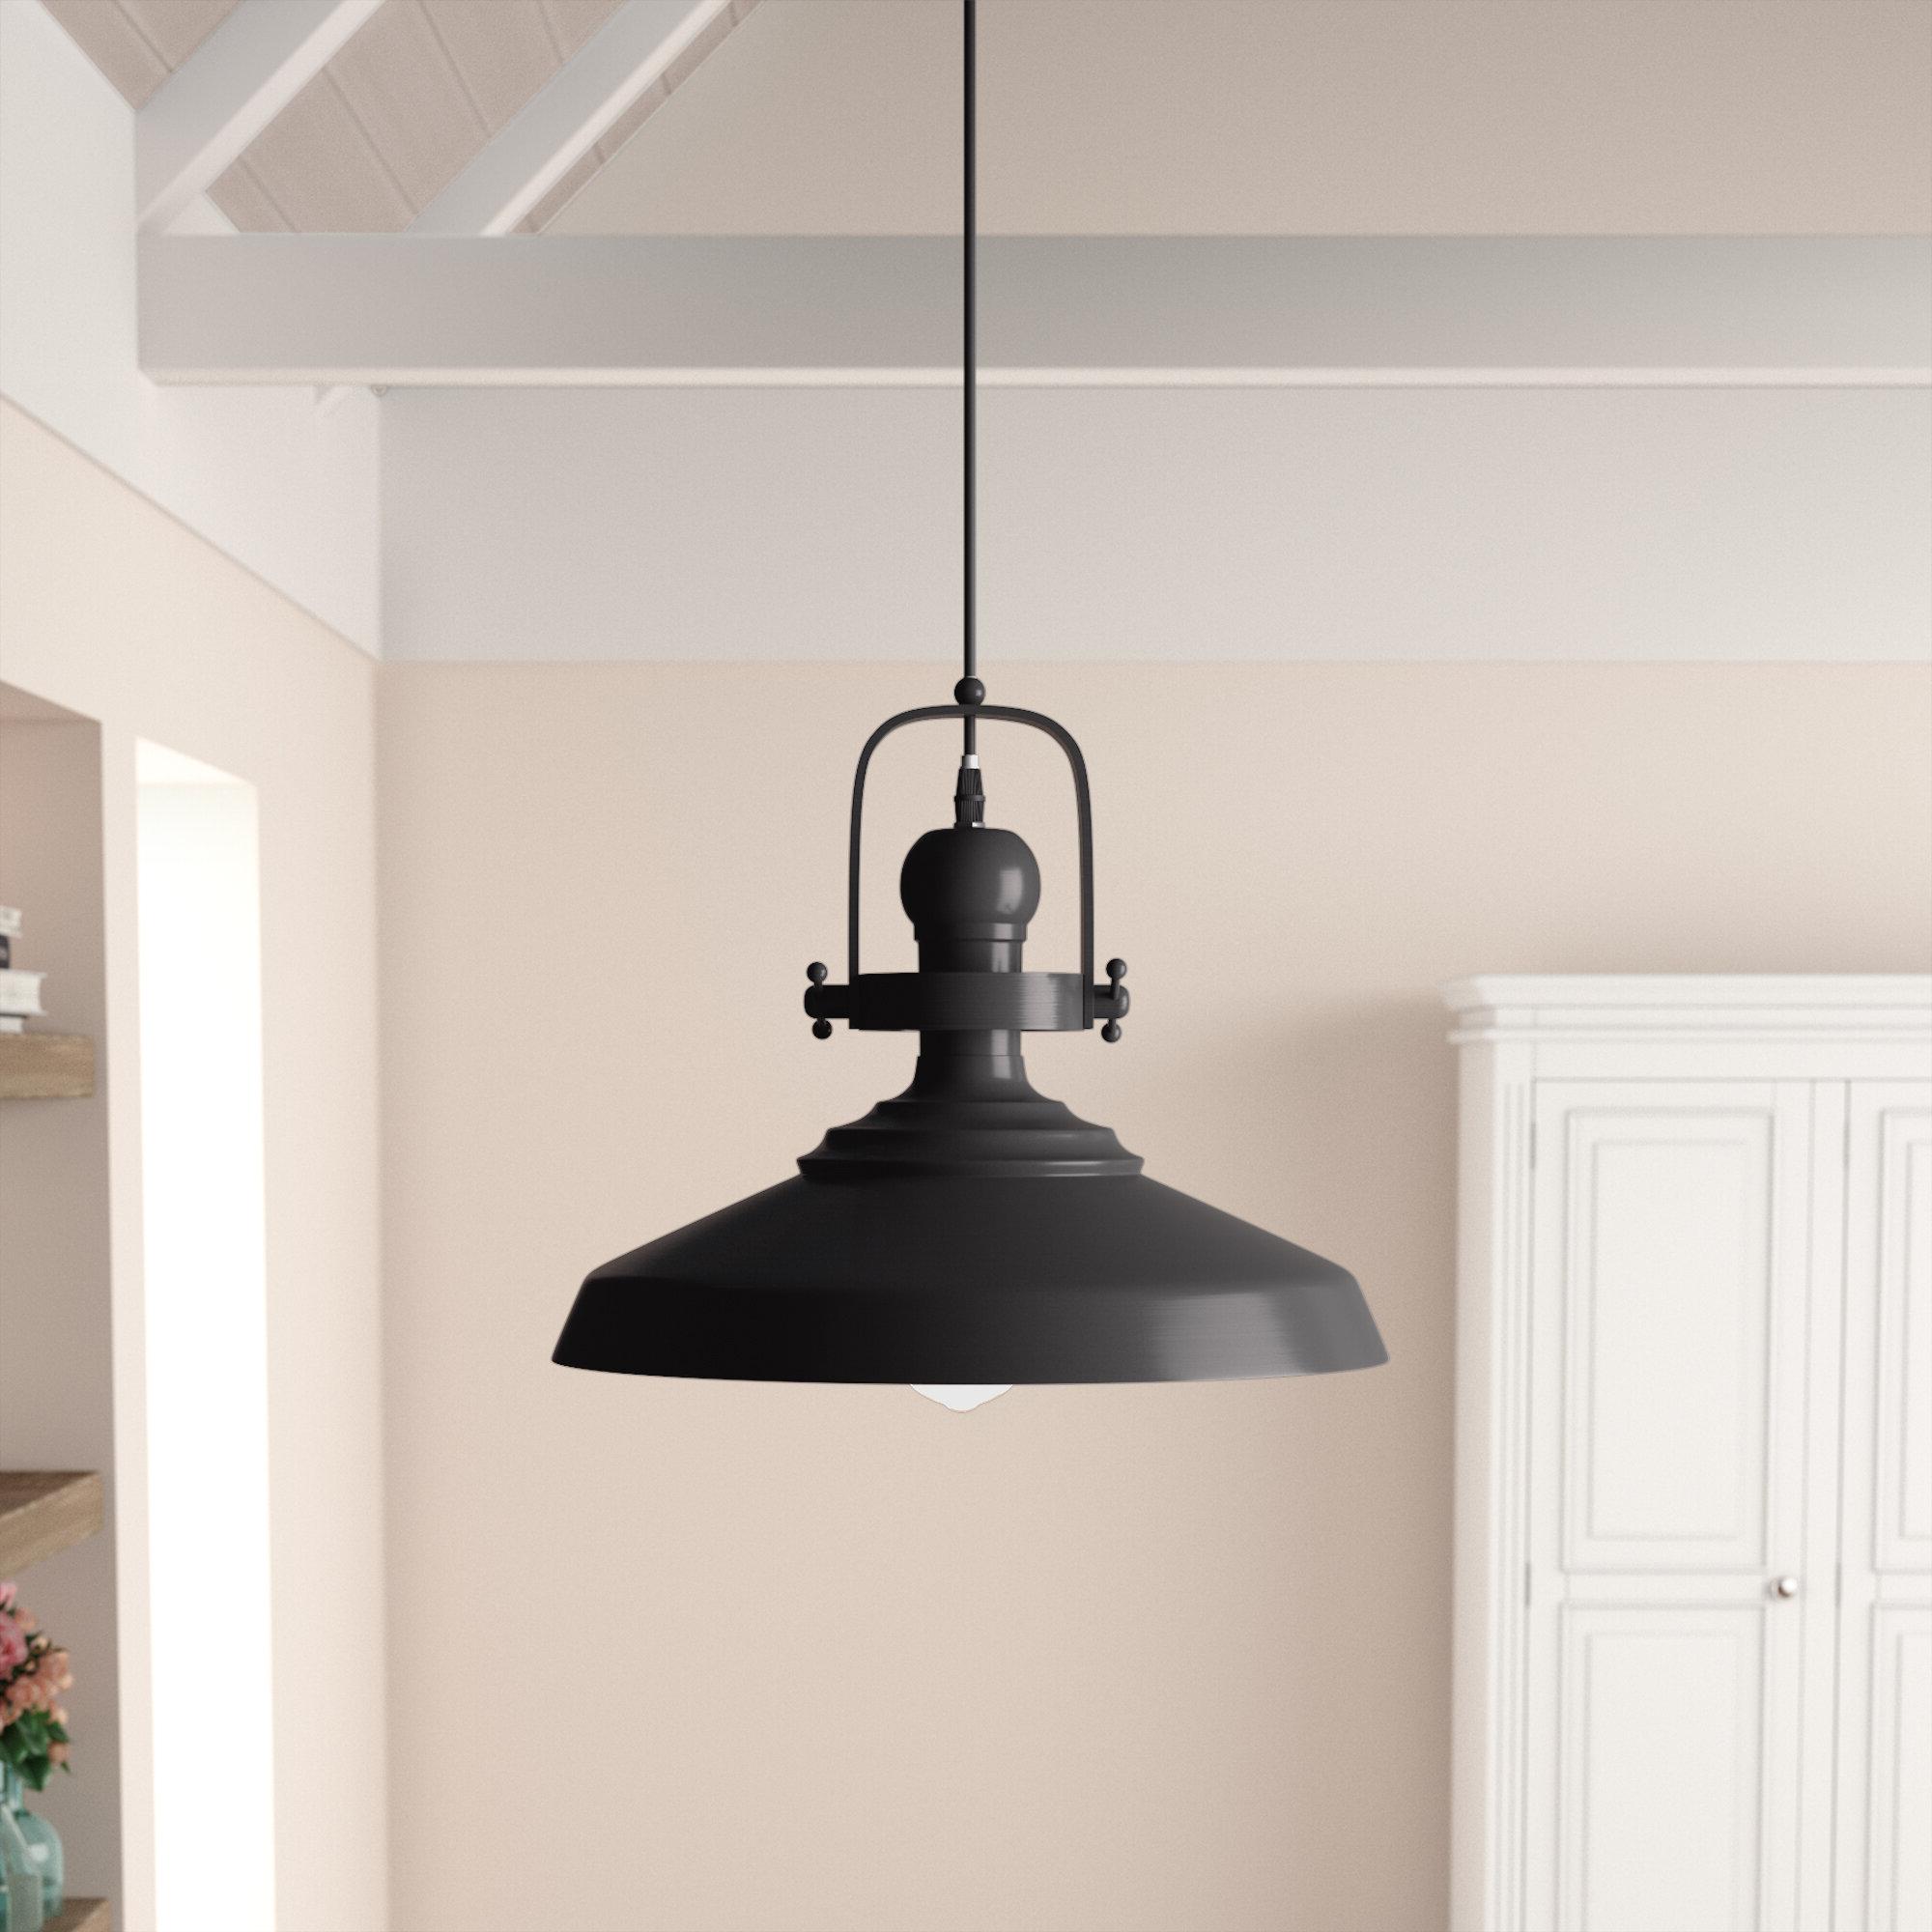 1-Light Single Dome Pendants with Recent Estelle 1-Light Single Dome Pendant